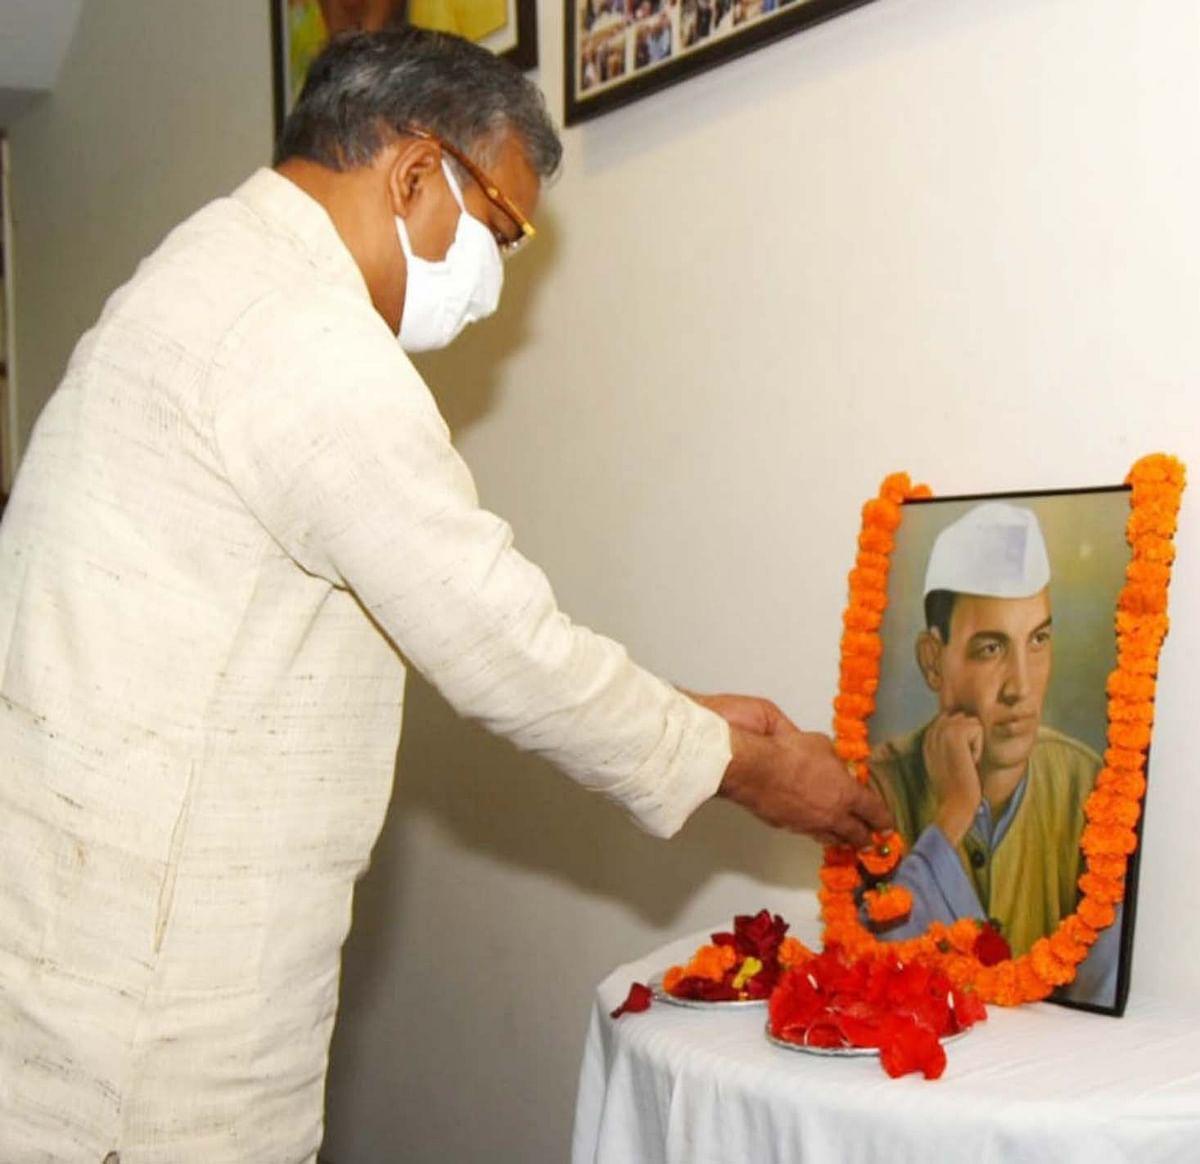 सीएम त्रिवेन्द्र ने शहीद श्रीदेव सुमन जी की पुण्य तिथि पर श्रद्धांजलि अर्पित की